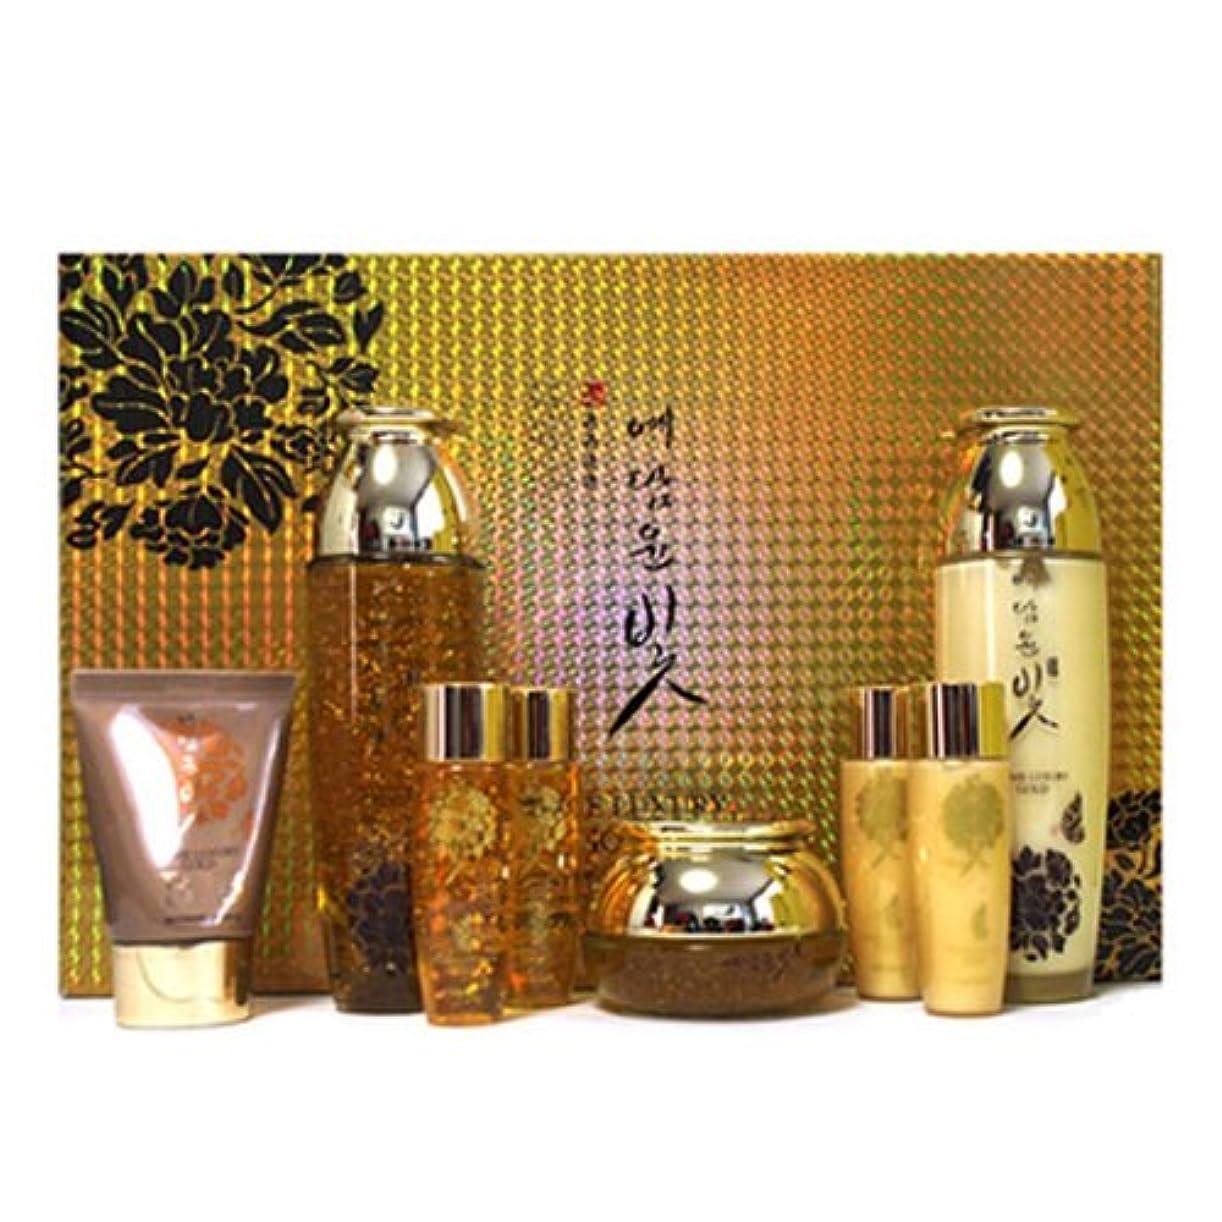 意図的枝請求イェダムユンビト[韓国コスメYedam Yun Bit]Prime Luxury Gold Skin Care Set プライムラグジュアリーゴールドスキンケア4セット 樹液 乳液 クリーム/ BBクリーム [並行輸入品]